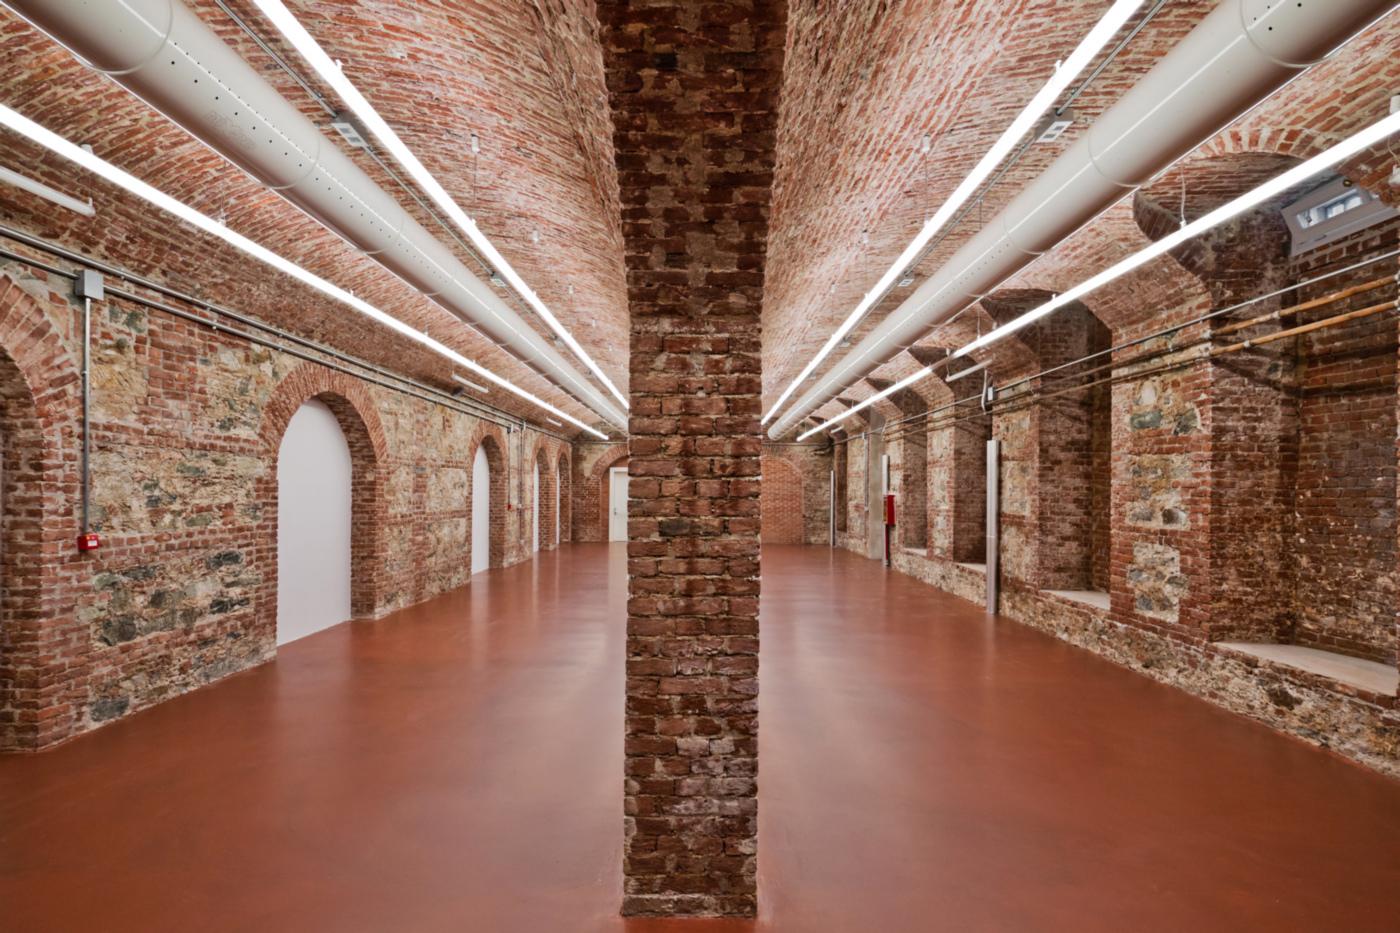 Restauro e trasformazione in uffici di un palazzo ottocentesco. L'interrato, da destinare ad archivi, in cui la resina riprende le antiche piastrelline di cotto | Bottega di Architettura